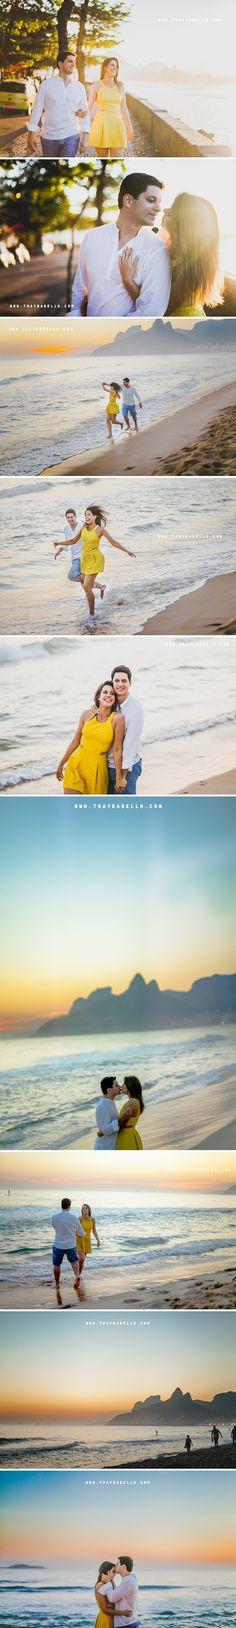 ensaio pré-wedding casamento naiana e samir thay rabello fotografia blog de casamento inspiração rio de janeiro verão